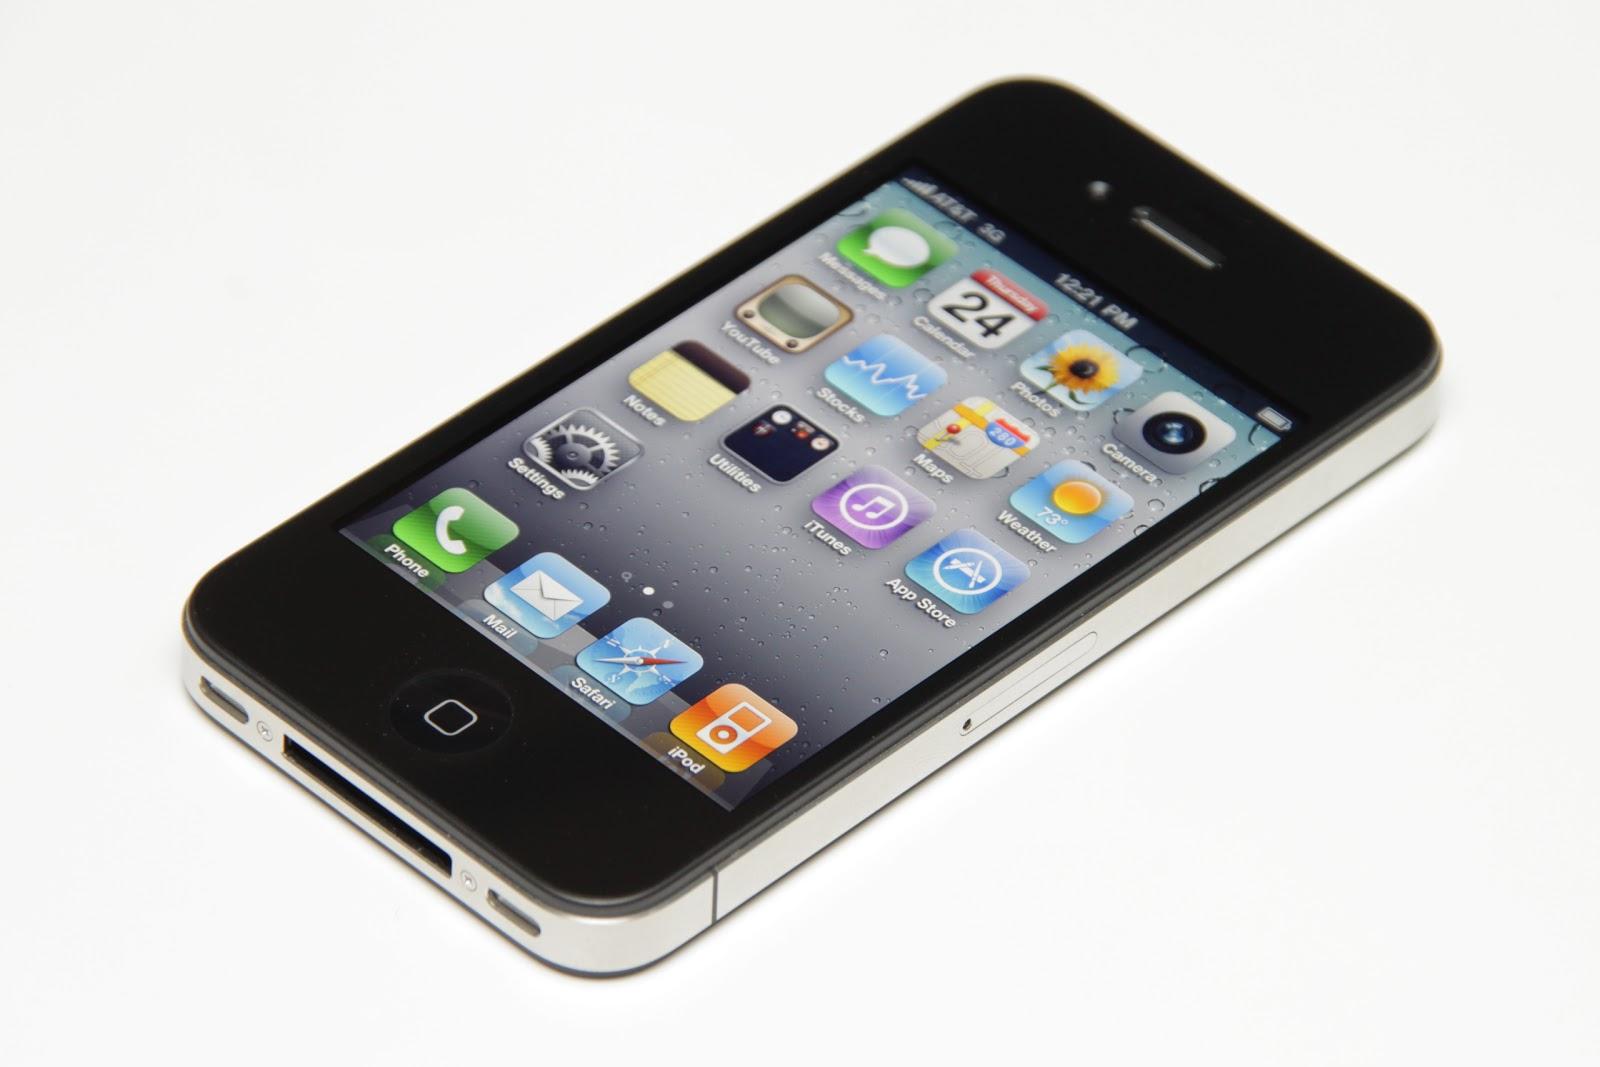 http://2.bp.blogspot.com/_QxflMMcjhSM/TORk7h5_dNI/AAAAAAAAAAc/ZIZdZOhJ7JE/s1600/IPhone4.jpg